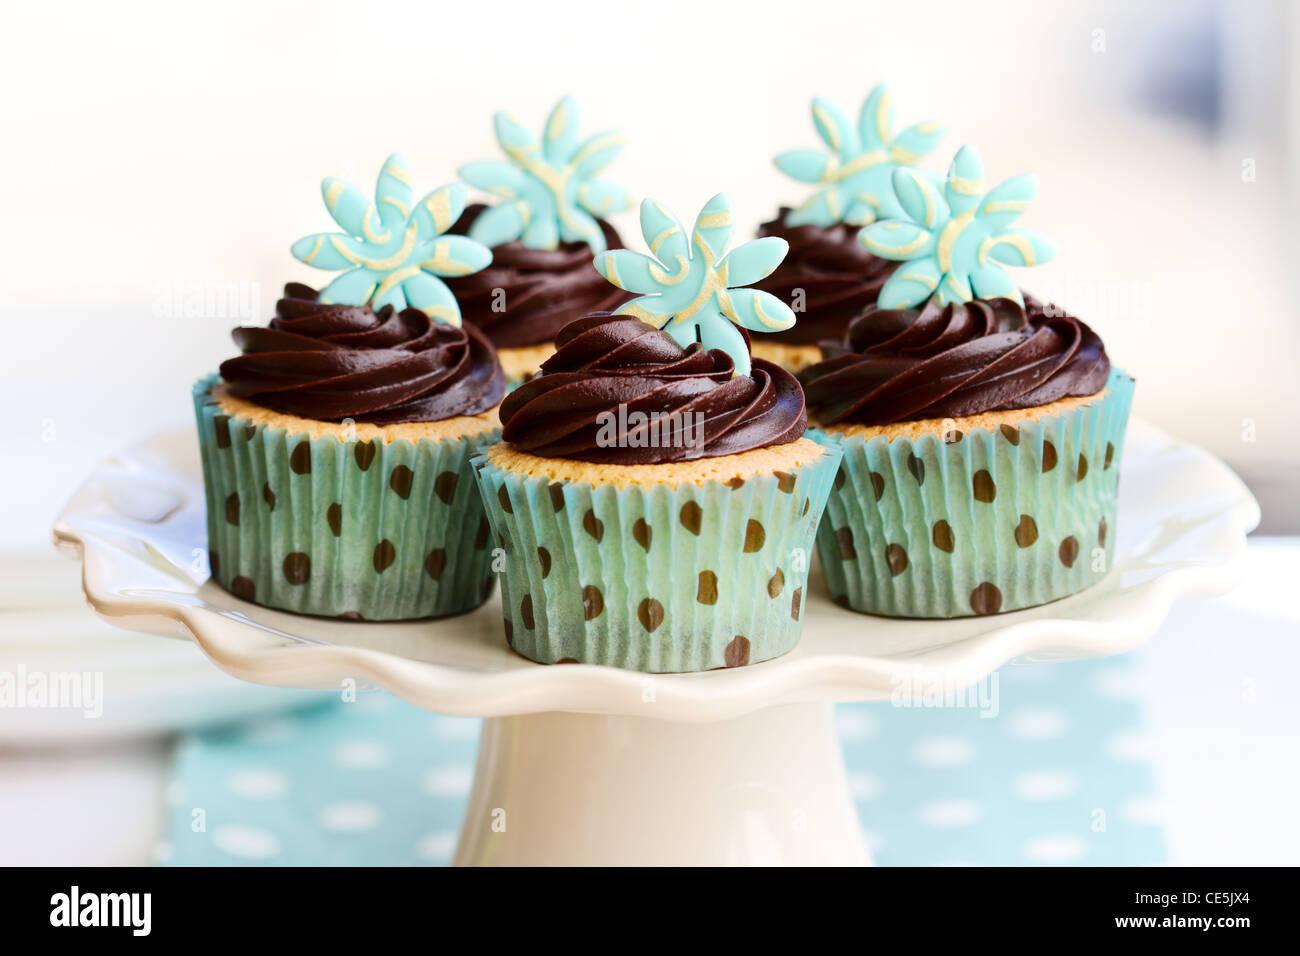 Petits gâteaux au chocolat Photo Stock